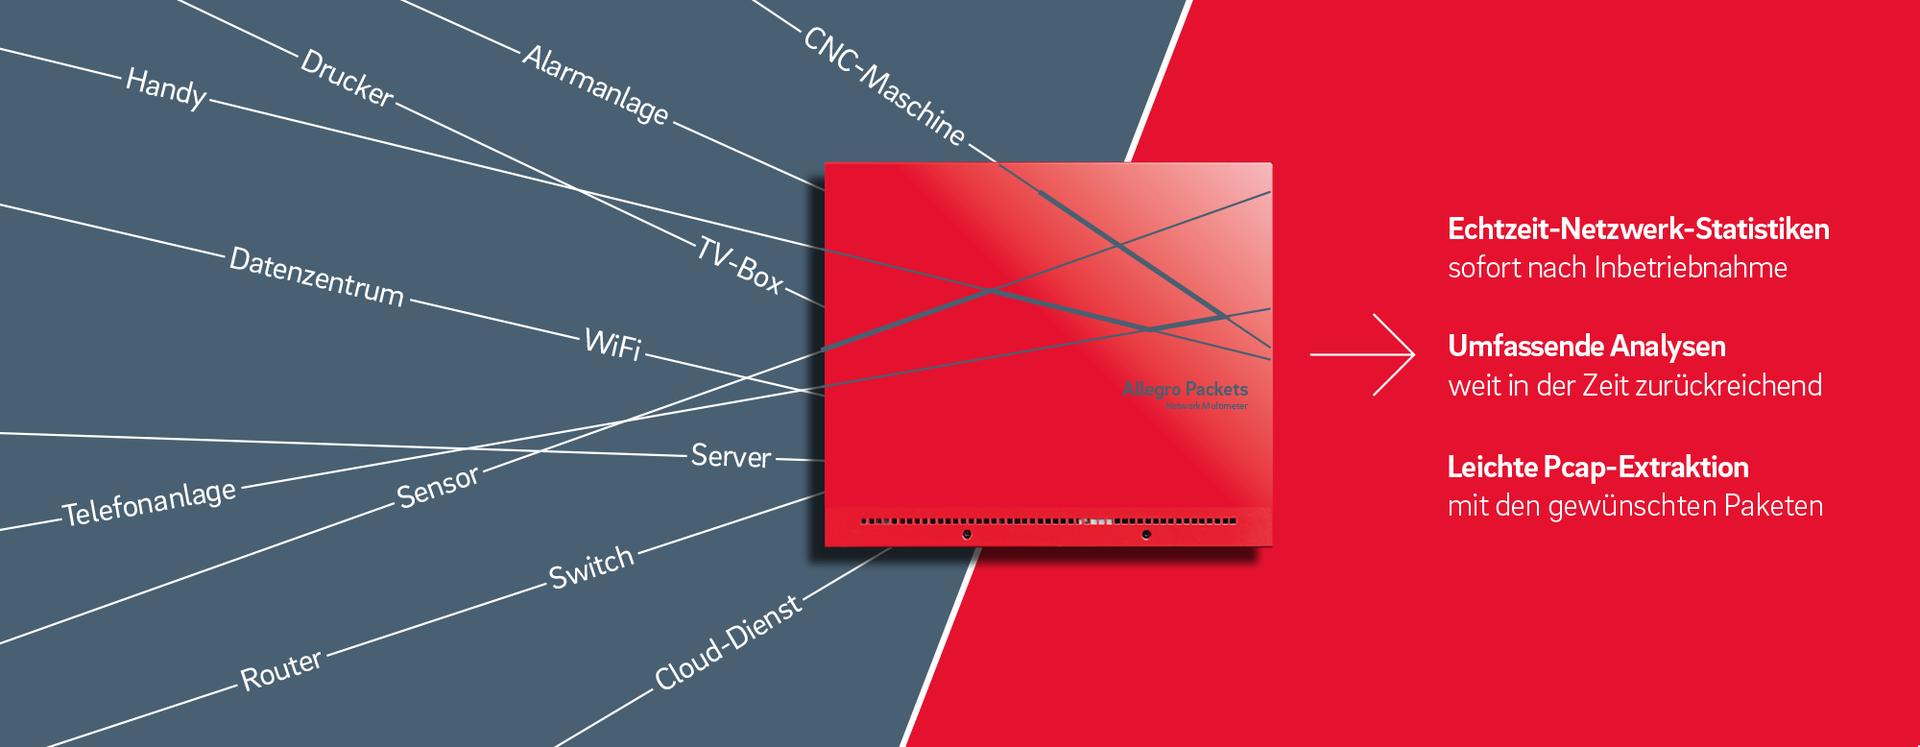 """treeConsult präsentiert Webinar-Reihe """"Troubleshooting mit Allegro Network Multimeter"""" Start Teil 1 am 02.07. um 10:00 Uhr"""